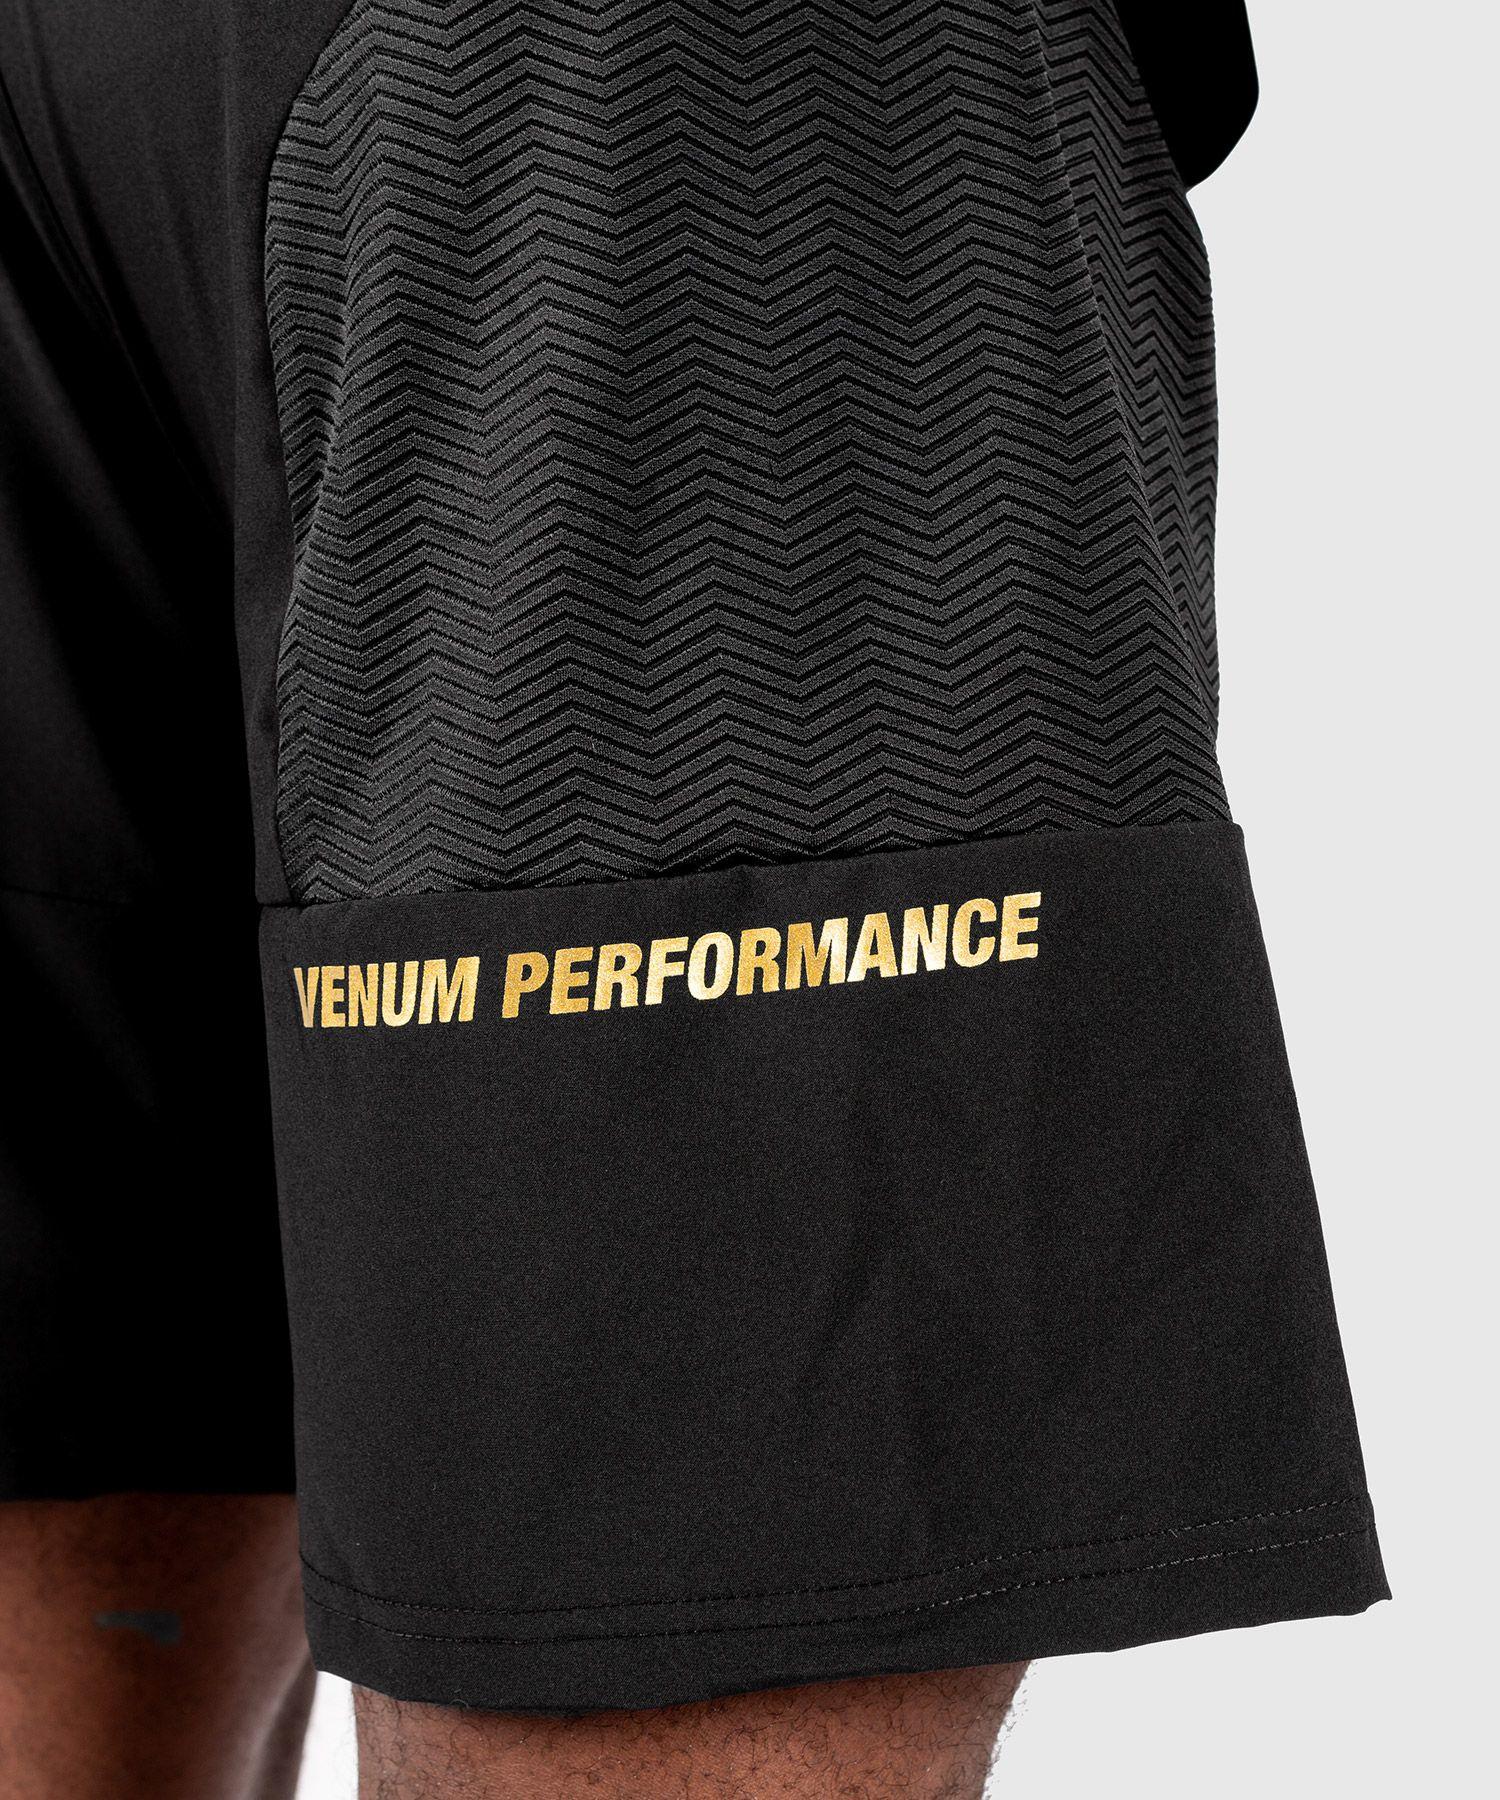 Training nadrág | VENUM G FIT Training nadrág, FeketeArany